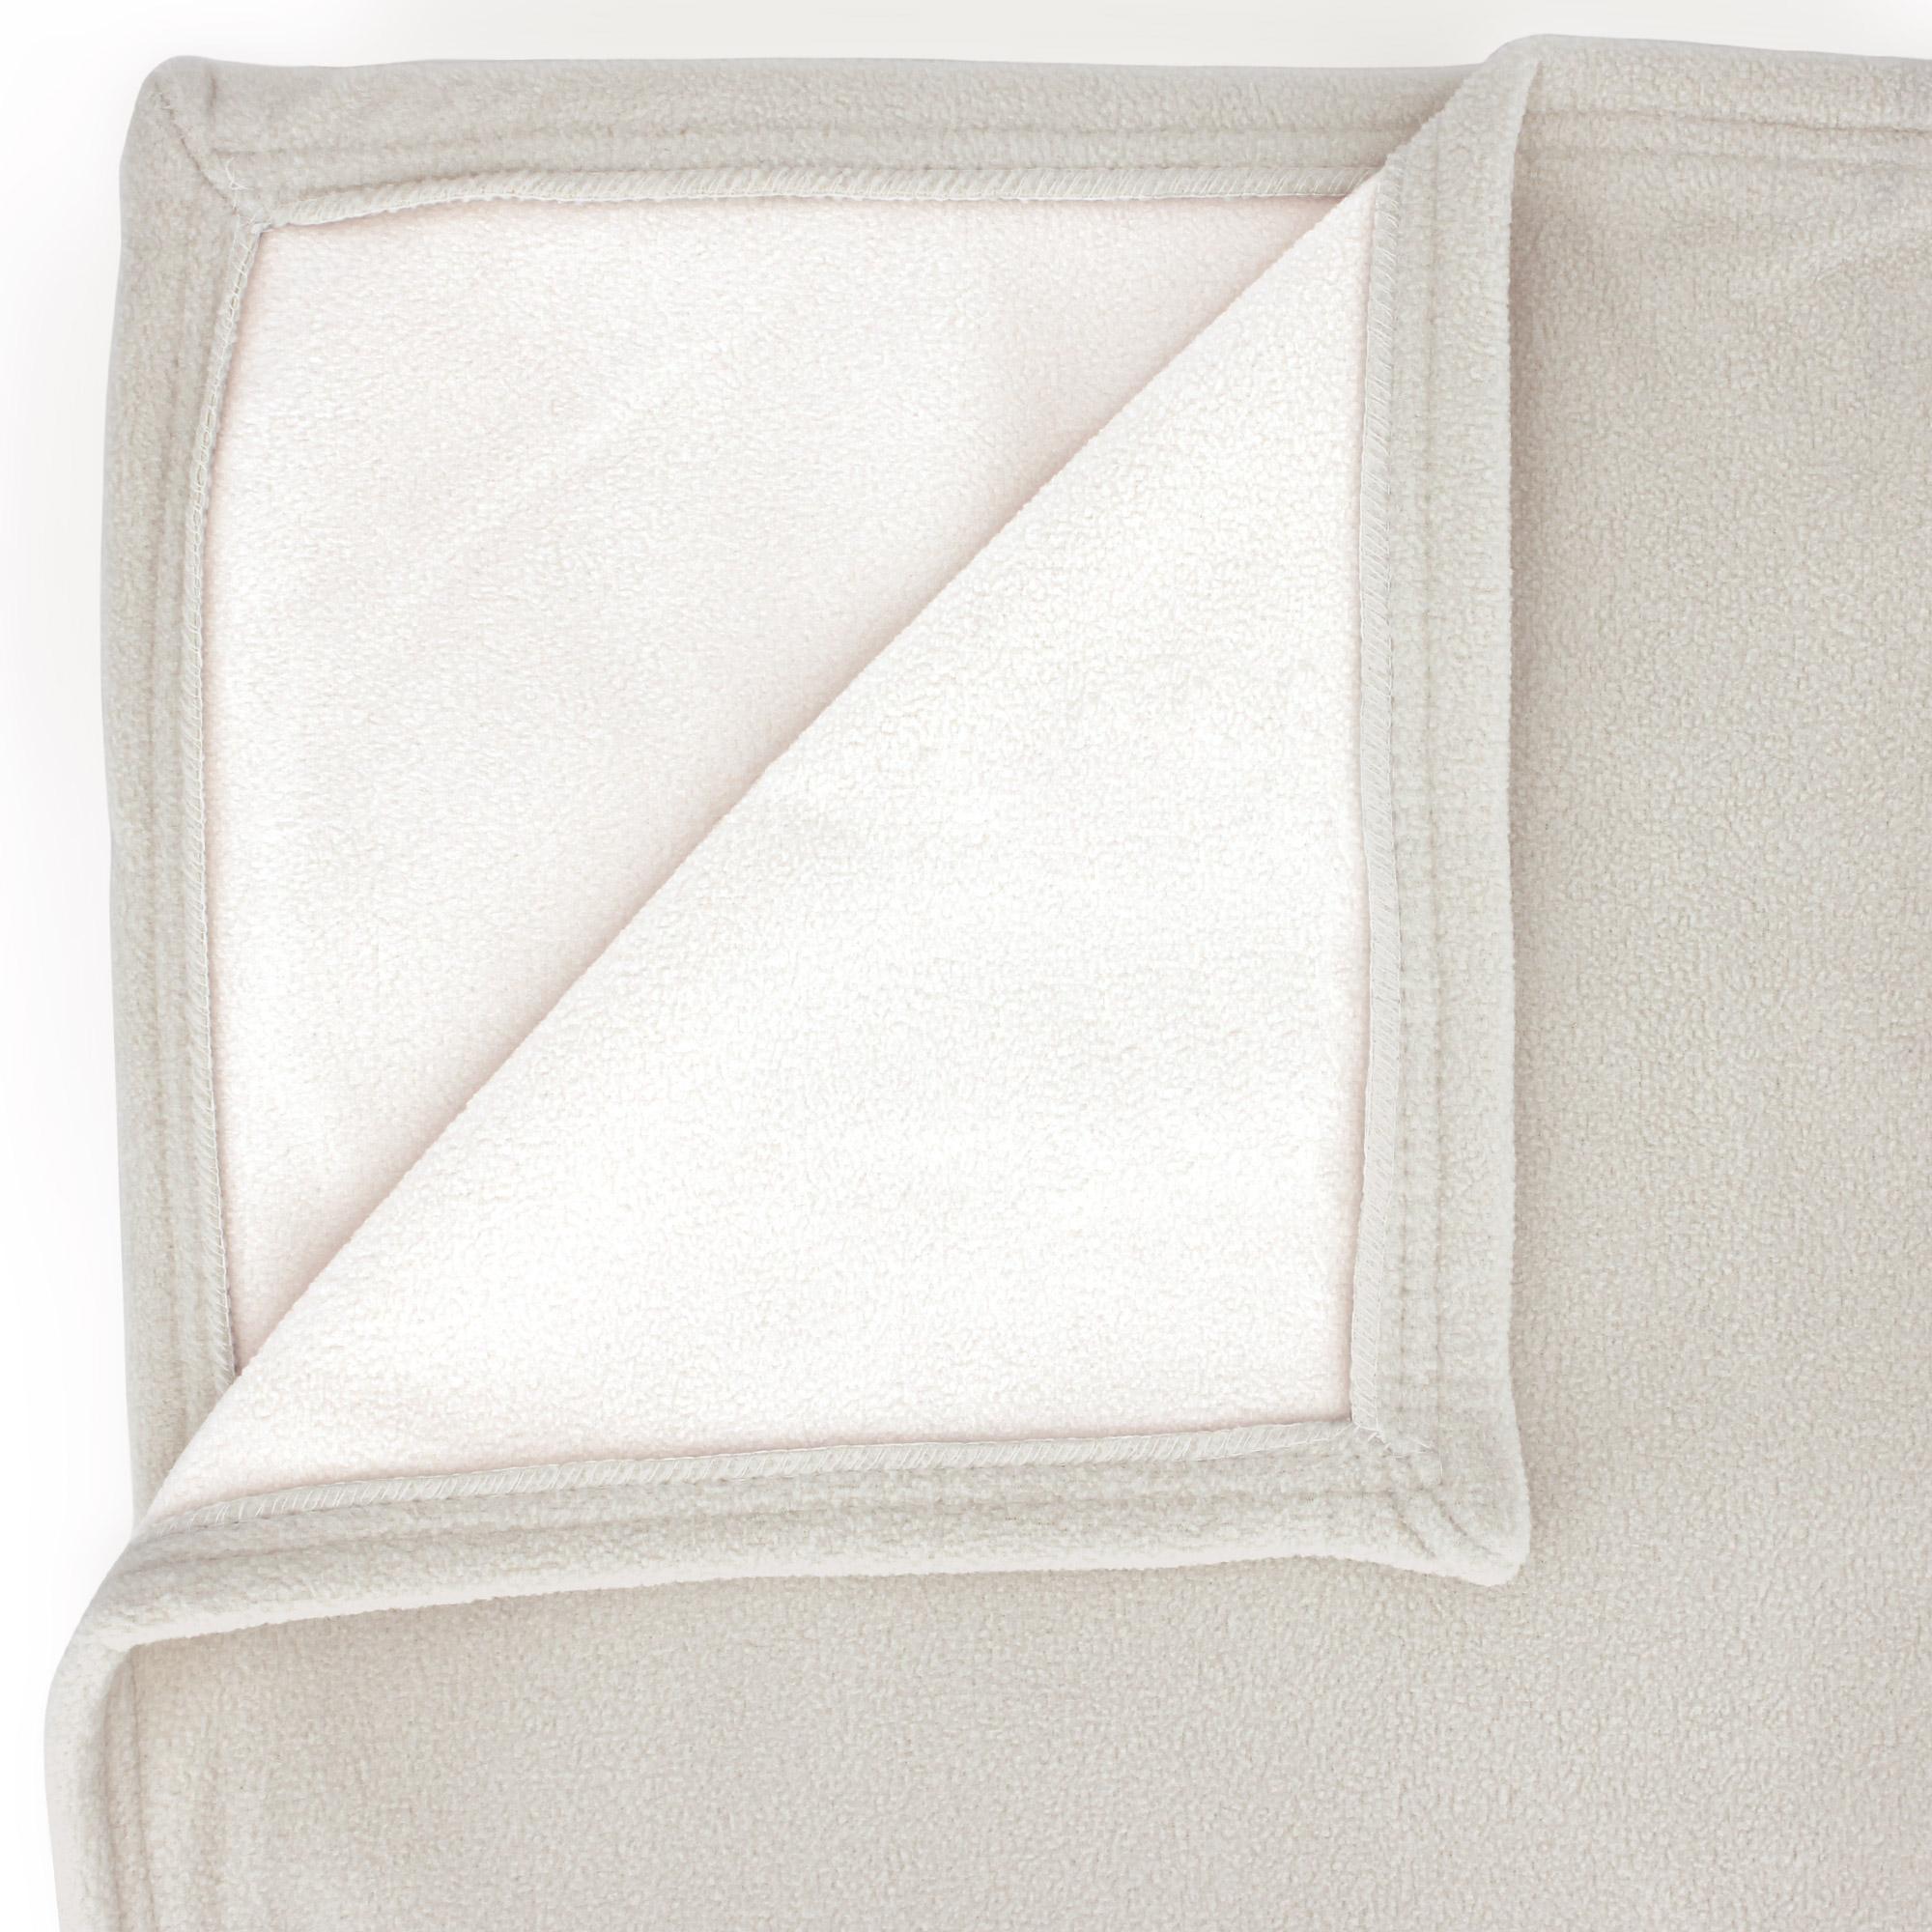 couverture polaire 220x240 cm narvik galet naturel linnea linge de maison et. Black Bedroom Furniture Sets. Home Design Ideas